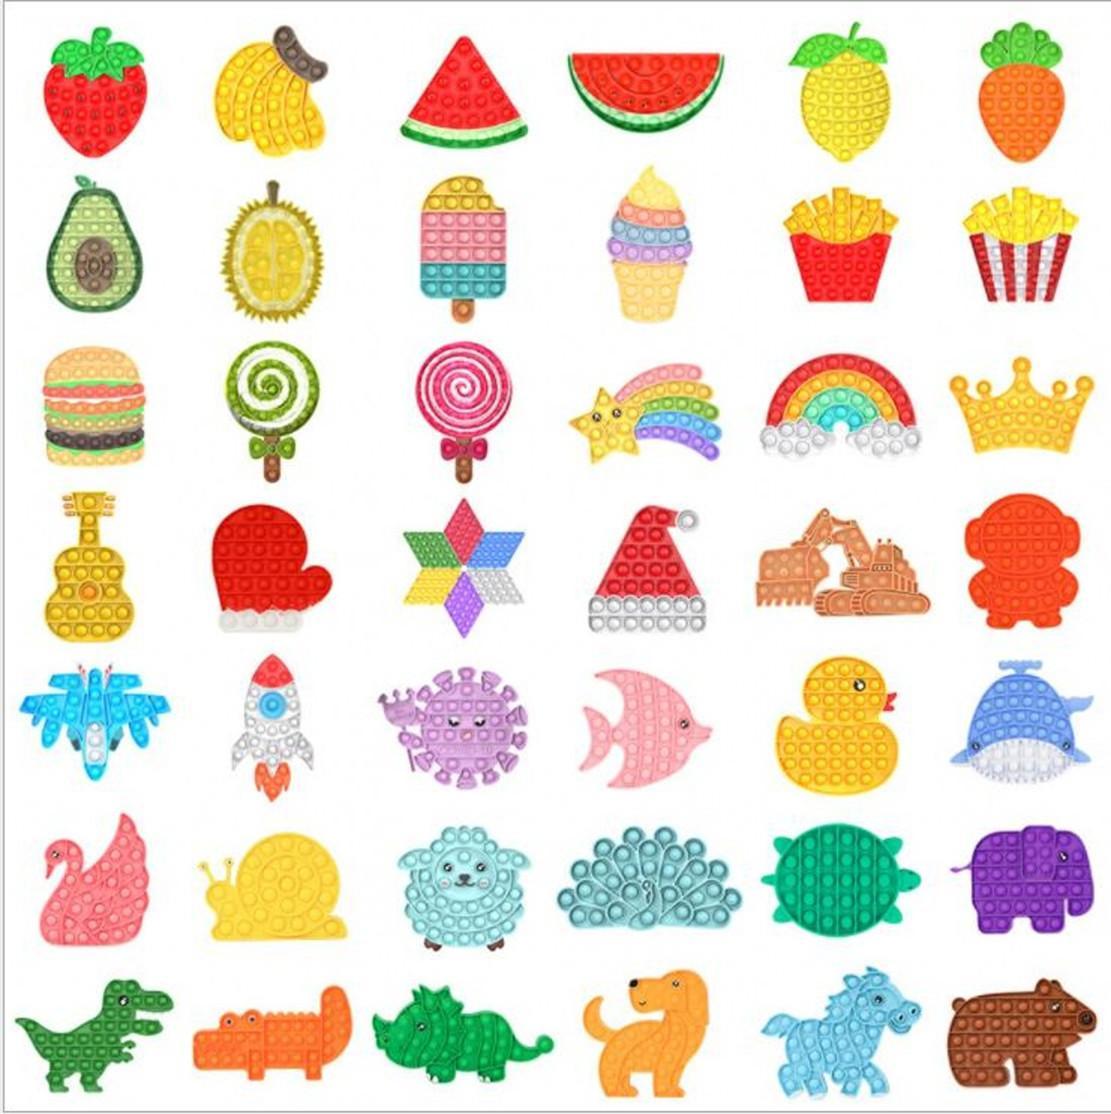 Tie-Dye Push Push Bubble Party Fidget Juguetes Análisis de estrés Sensory DecomPression Toys Ansiedad Alivio para niños Regalos de cumpleaños para niños DHL Envío FY2483